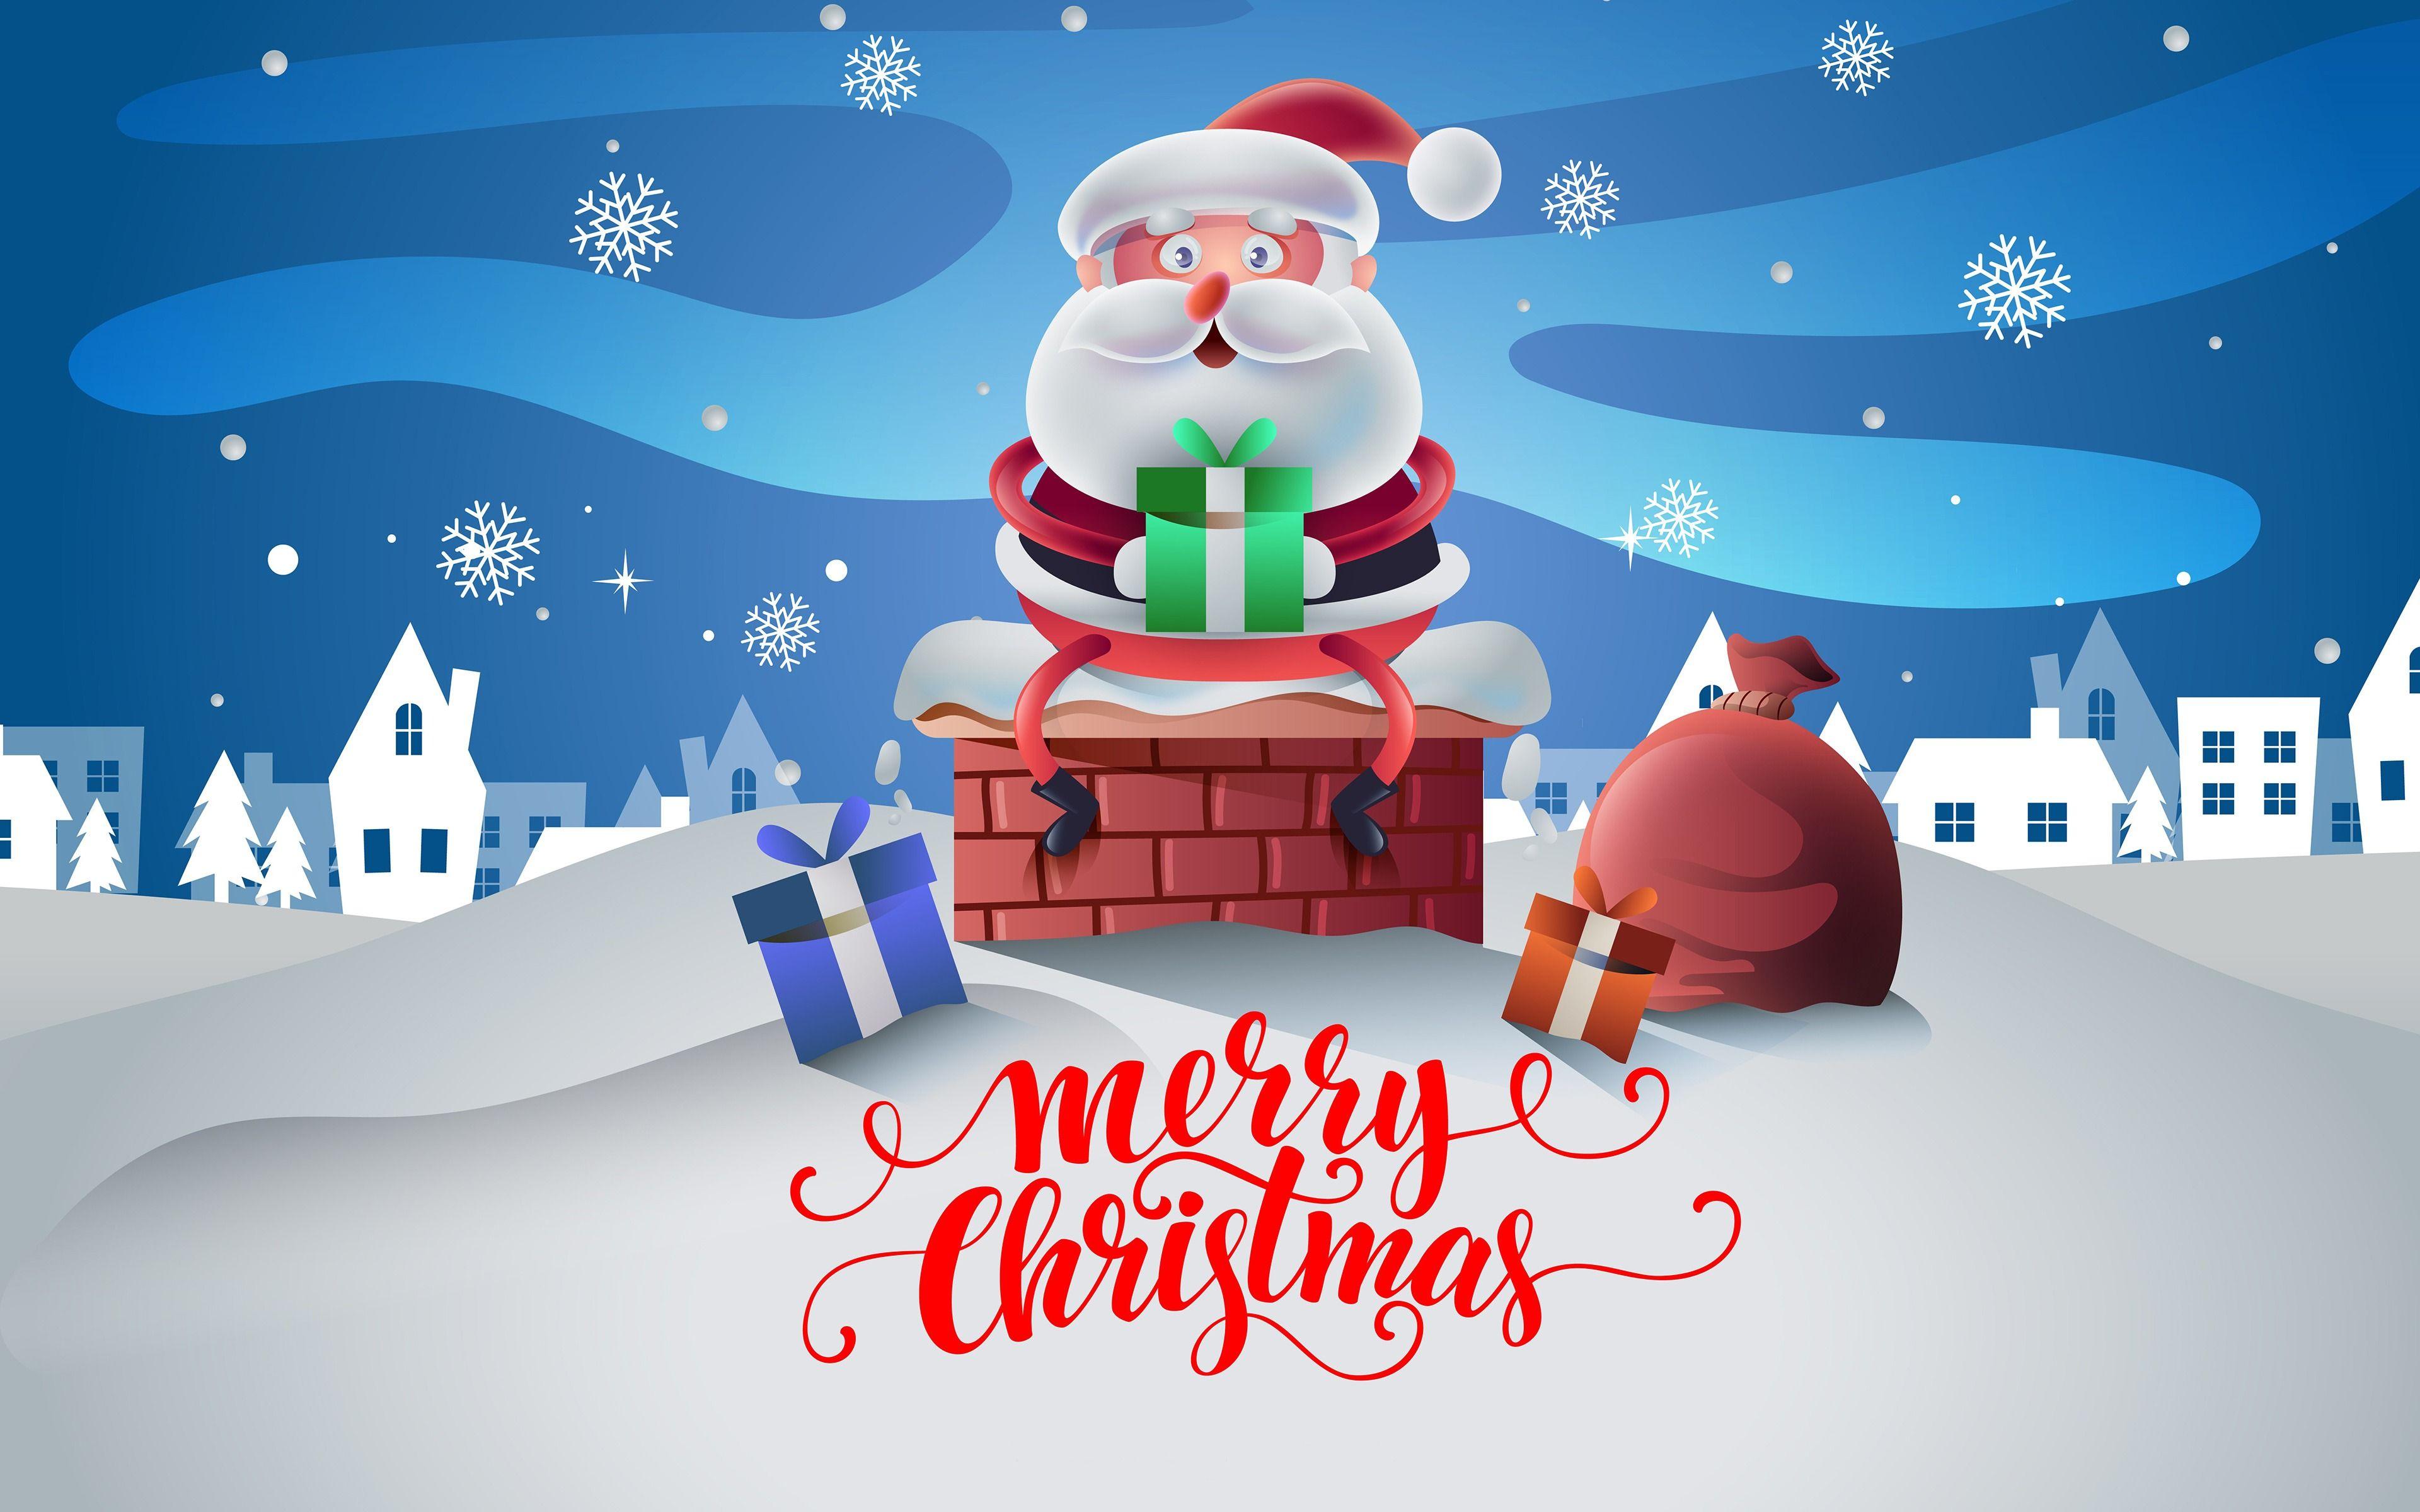 Christmas Cartoon Design 4k Wallpaper 3840×2400 Merry